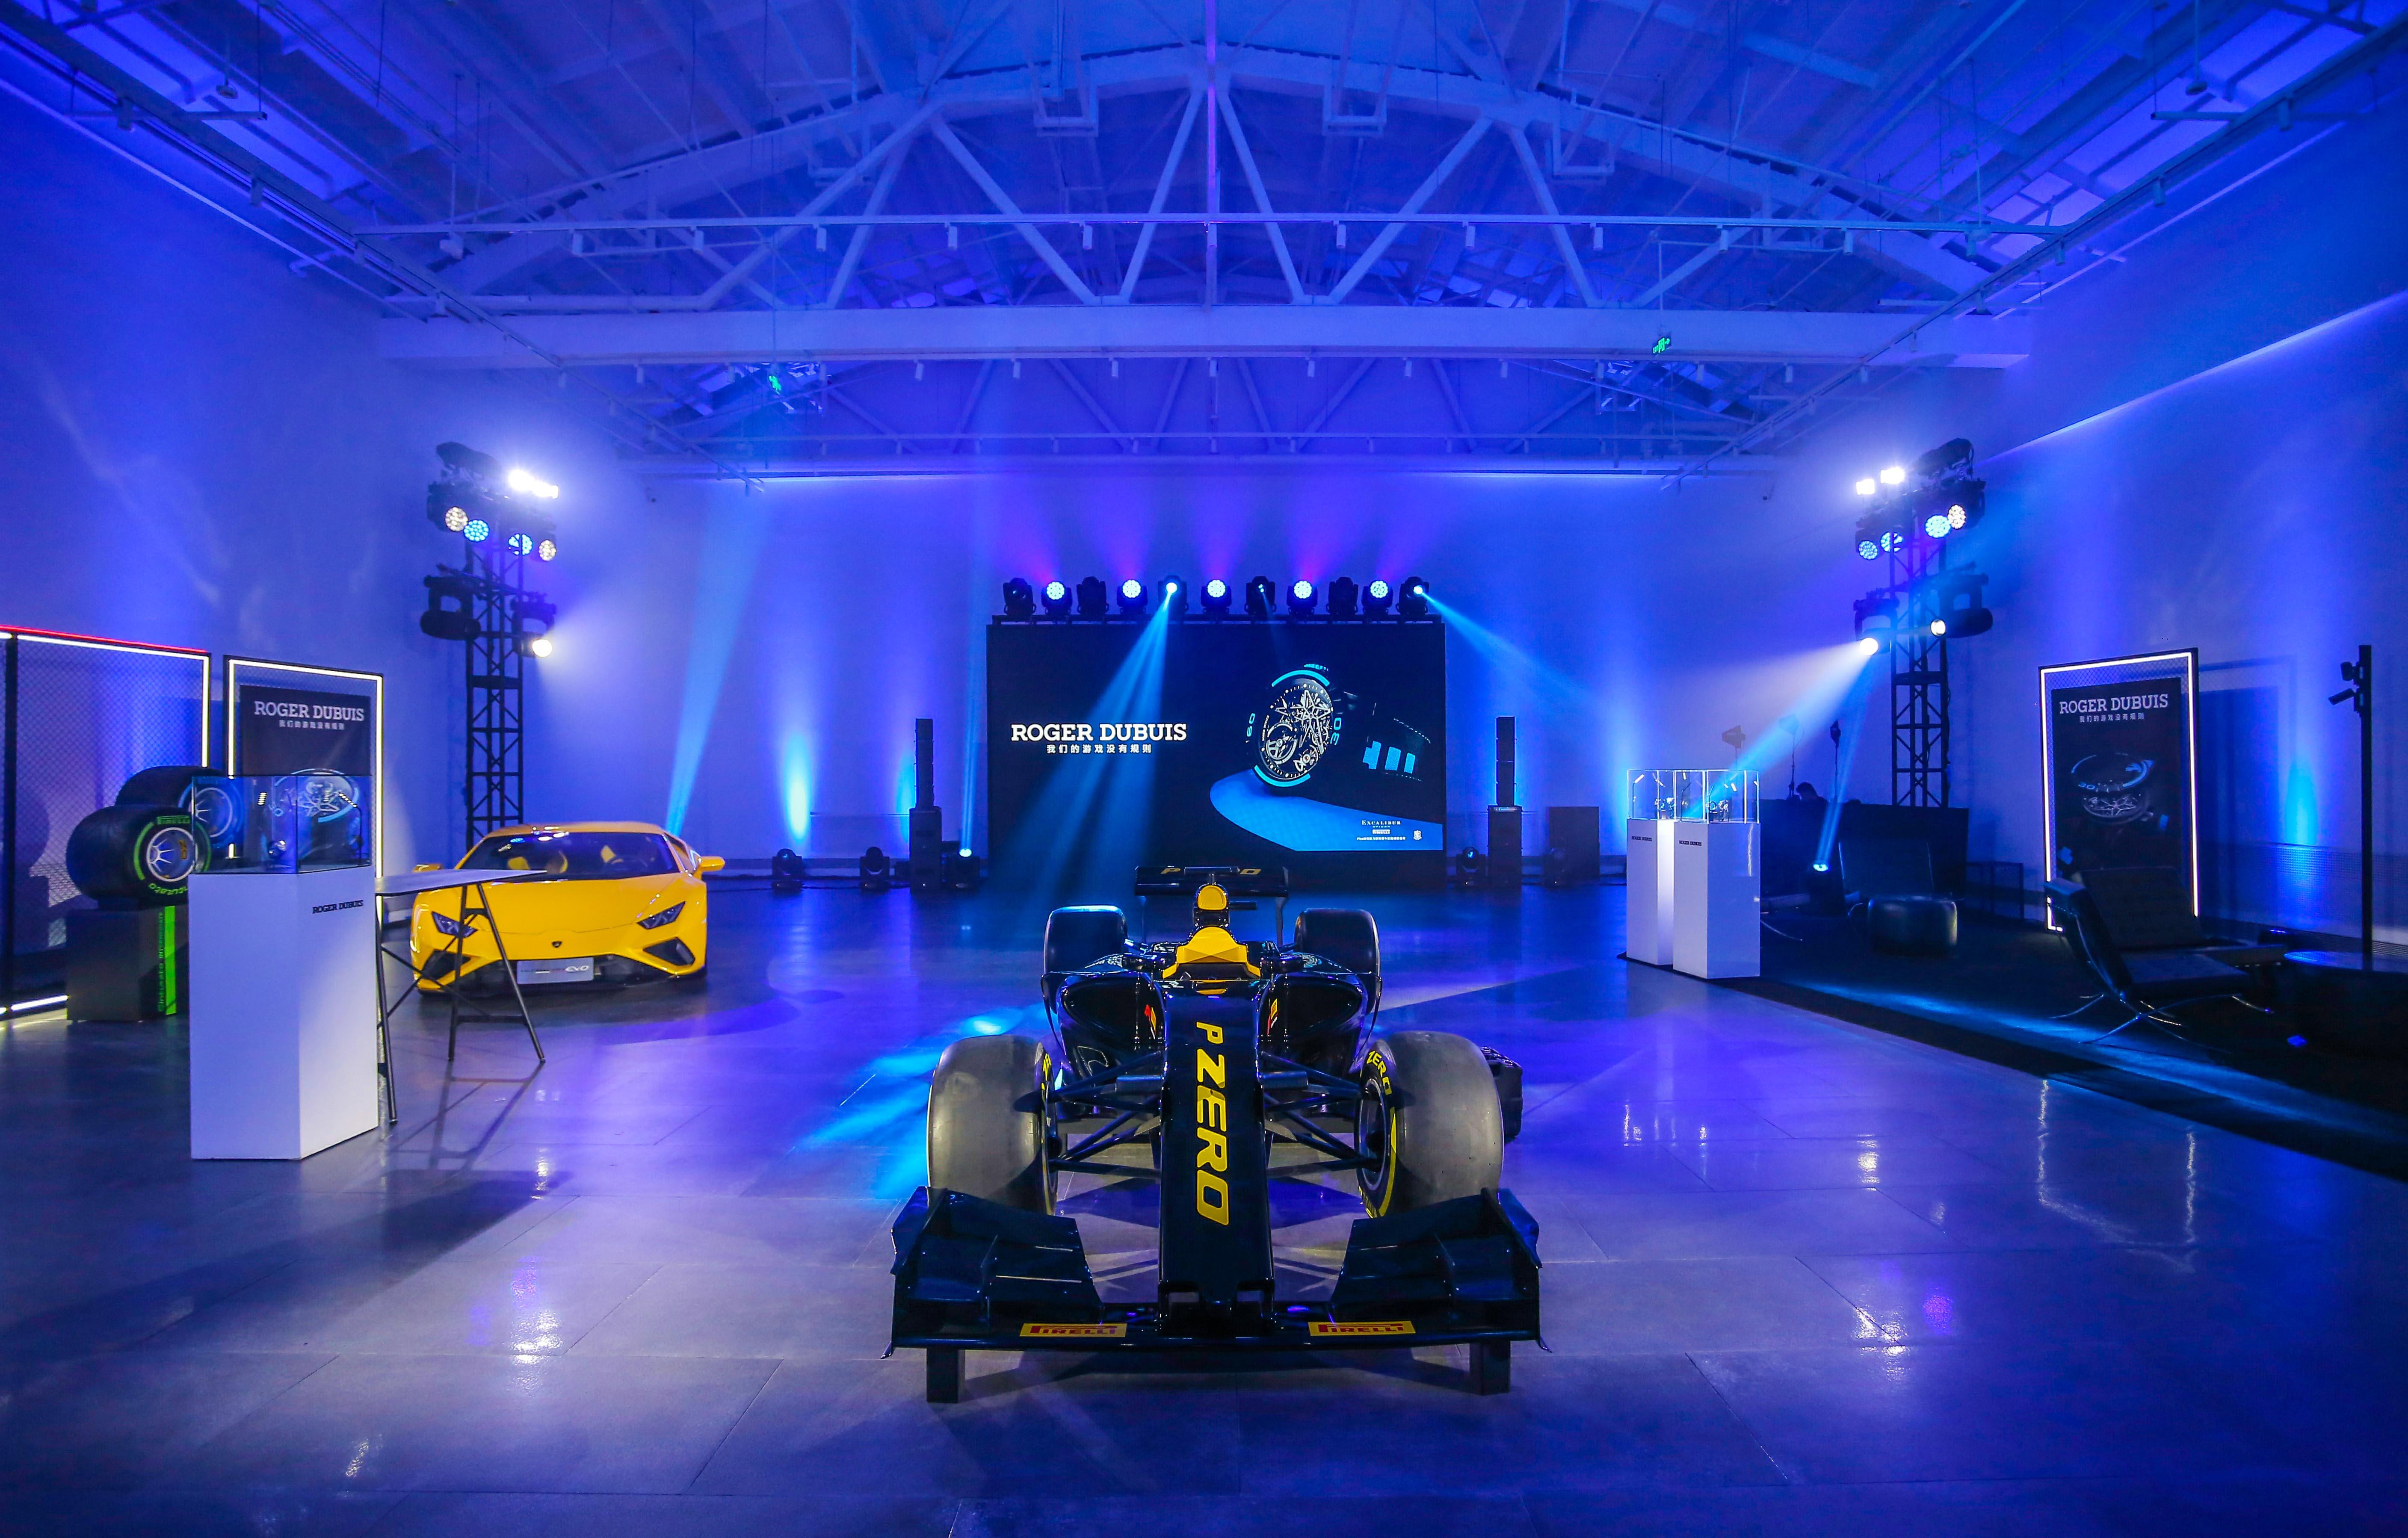 一触即发 颠覆游戏规则 Roger Dubuis 罗杰杜彼携手 Pirelli 倍耐力呈现全新震撼力作